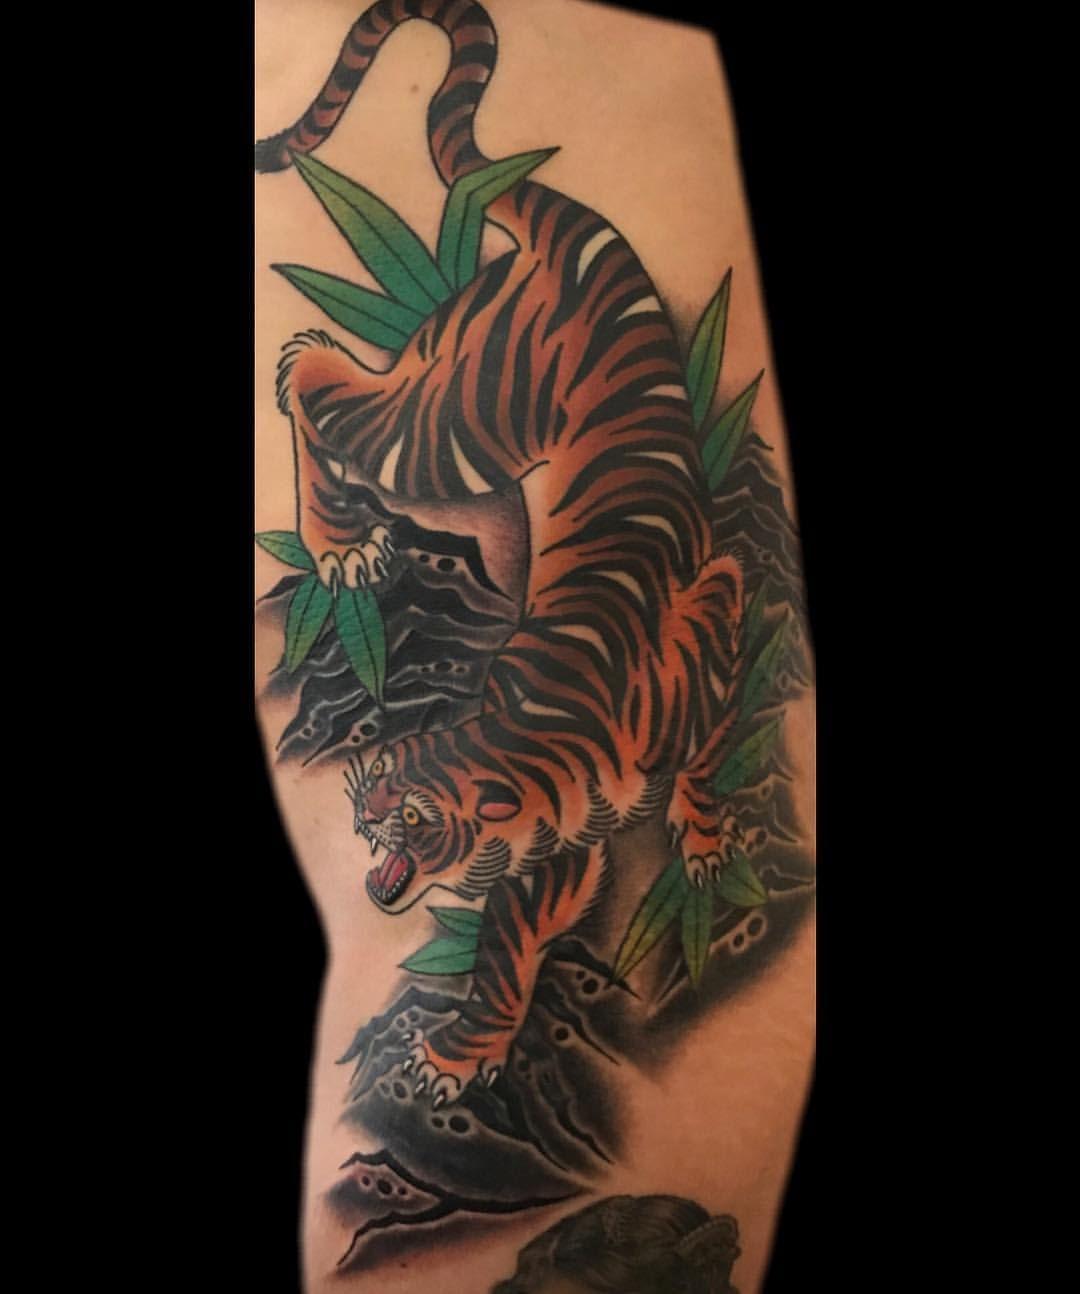 best script tattoo artist orlando